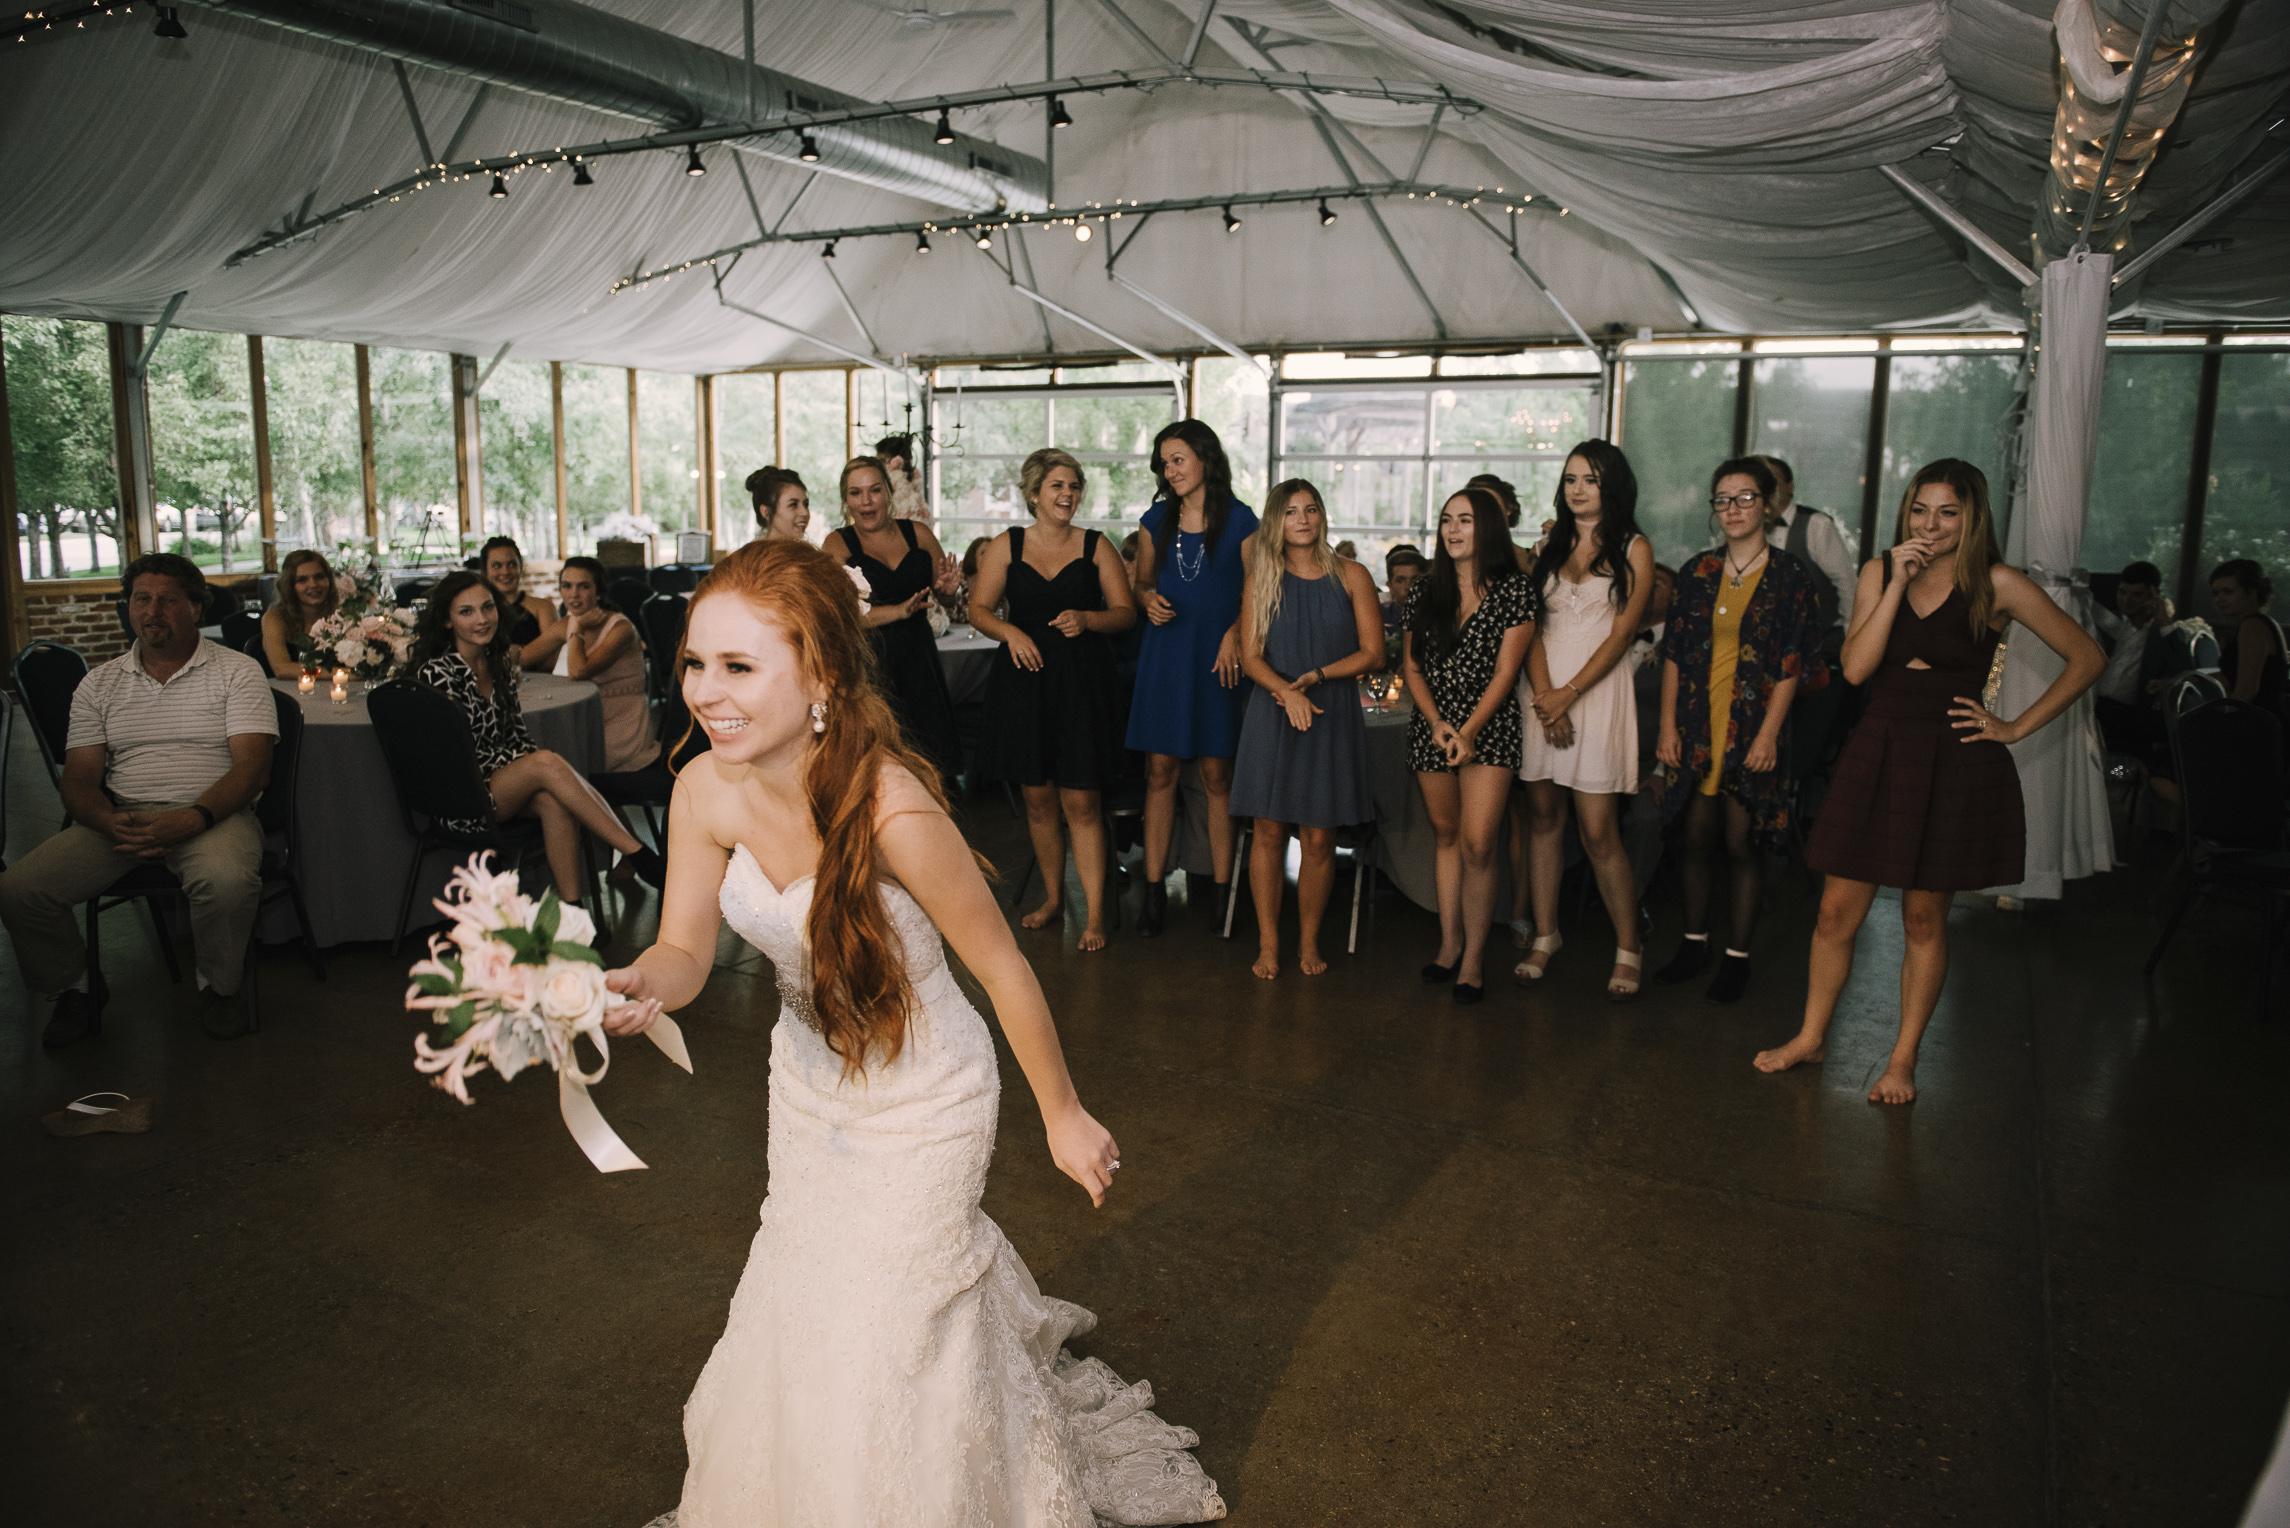 web sized images -- no to print --CALVIN & MCKYLEY WEDDING PHOTOS - COLORADO PHOTOGRAPHER - DEBI RAE PHOTOGRAPHY-2366.jpg